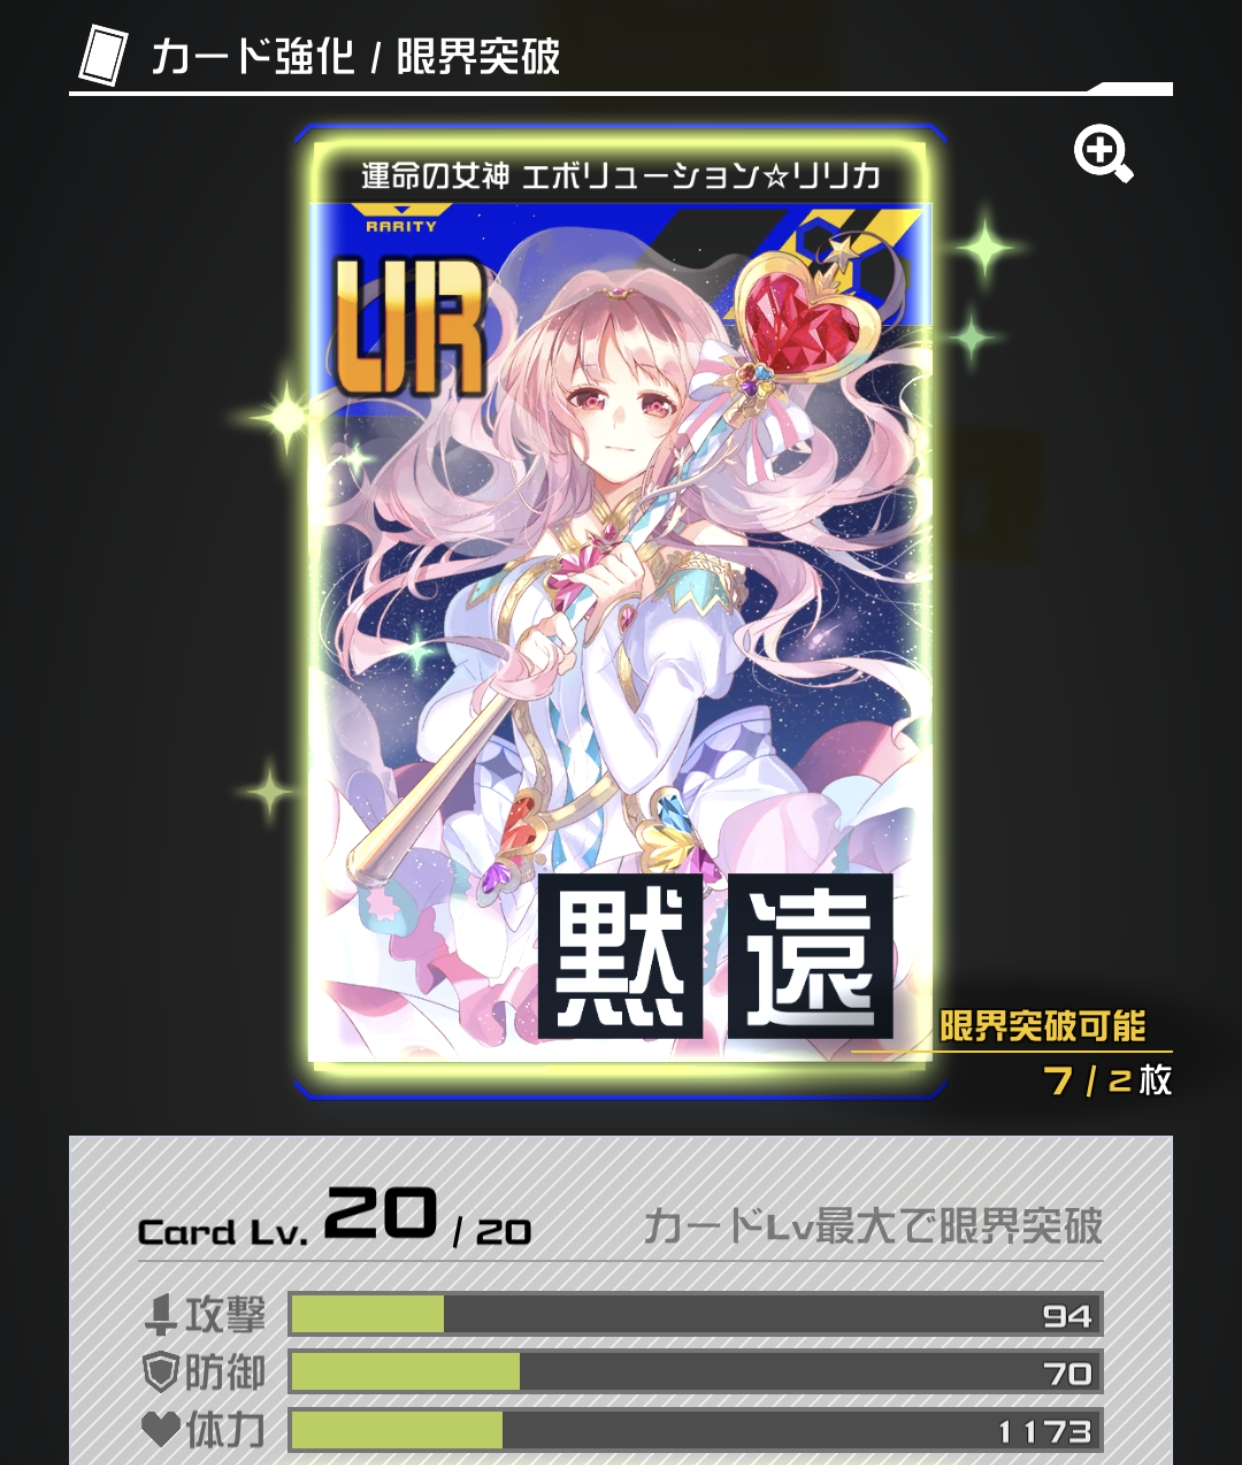 #コンパス【カード】:イスタカモチーフの新URカードと6月のバランス調整カードを徹底解剖!!